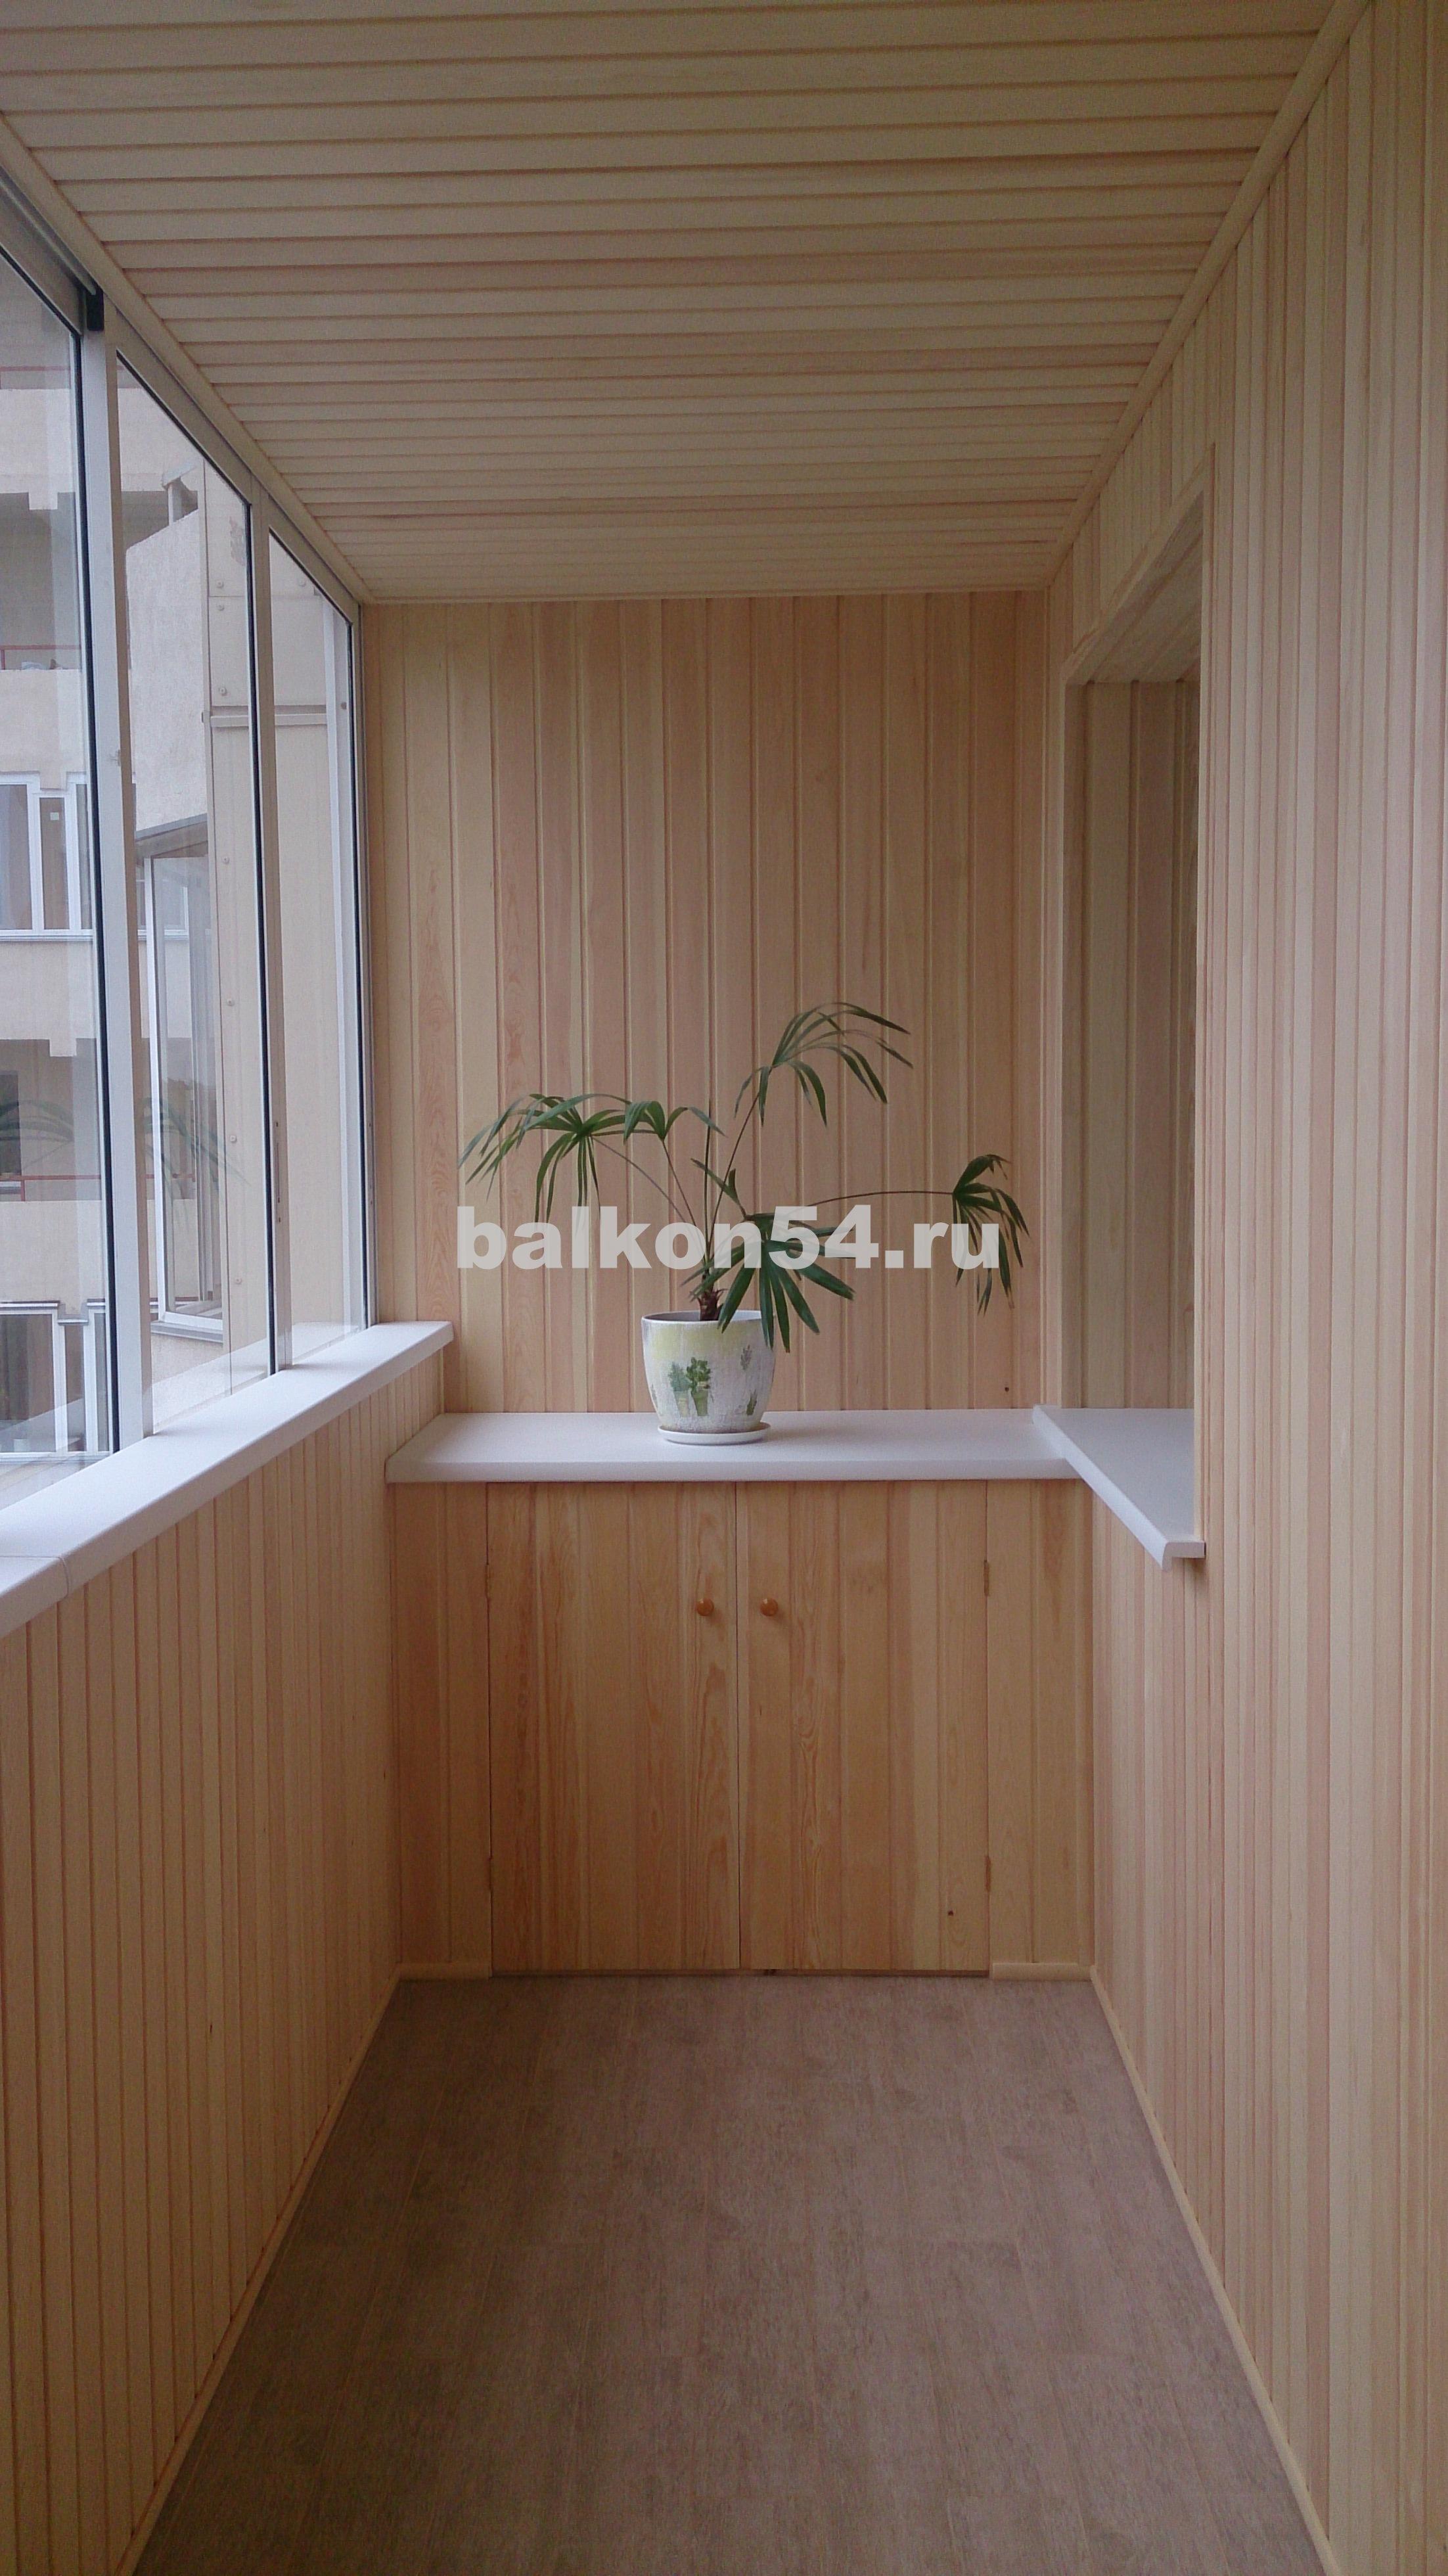 Изготовление встроенных шкафов и тумб встроенная мебель на б.